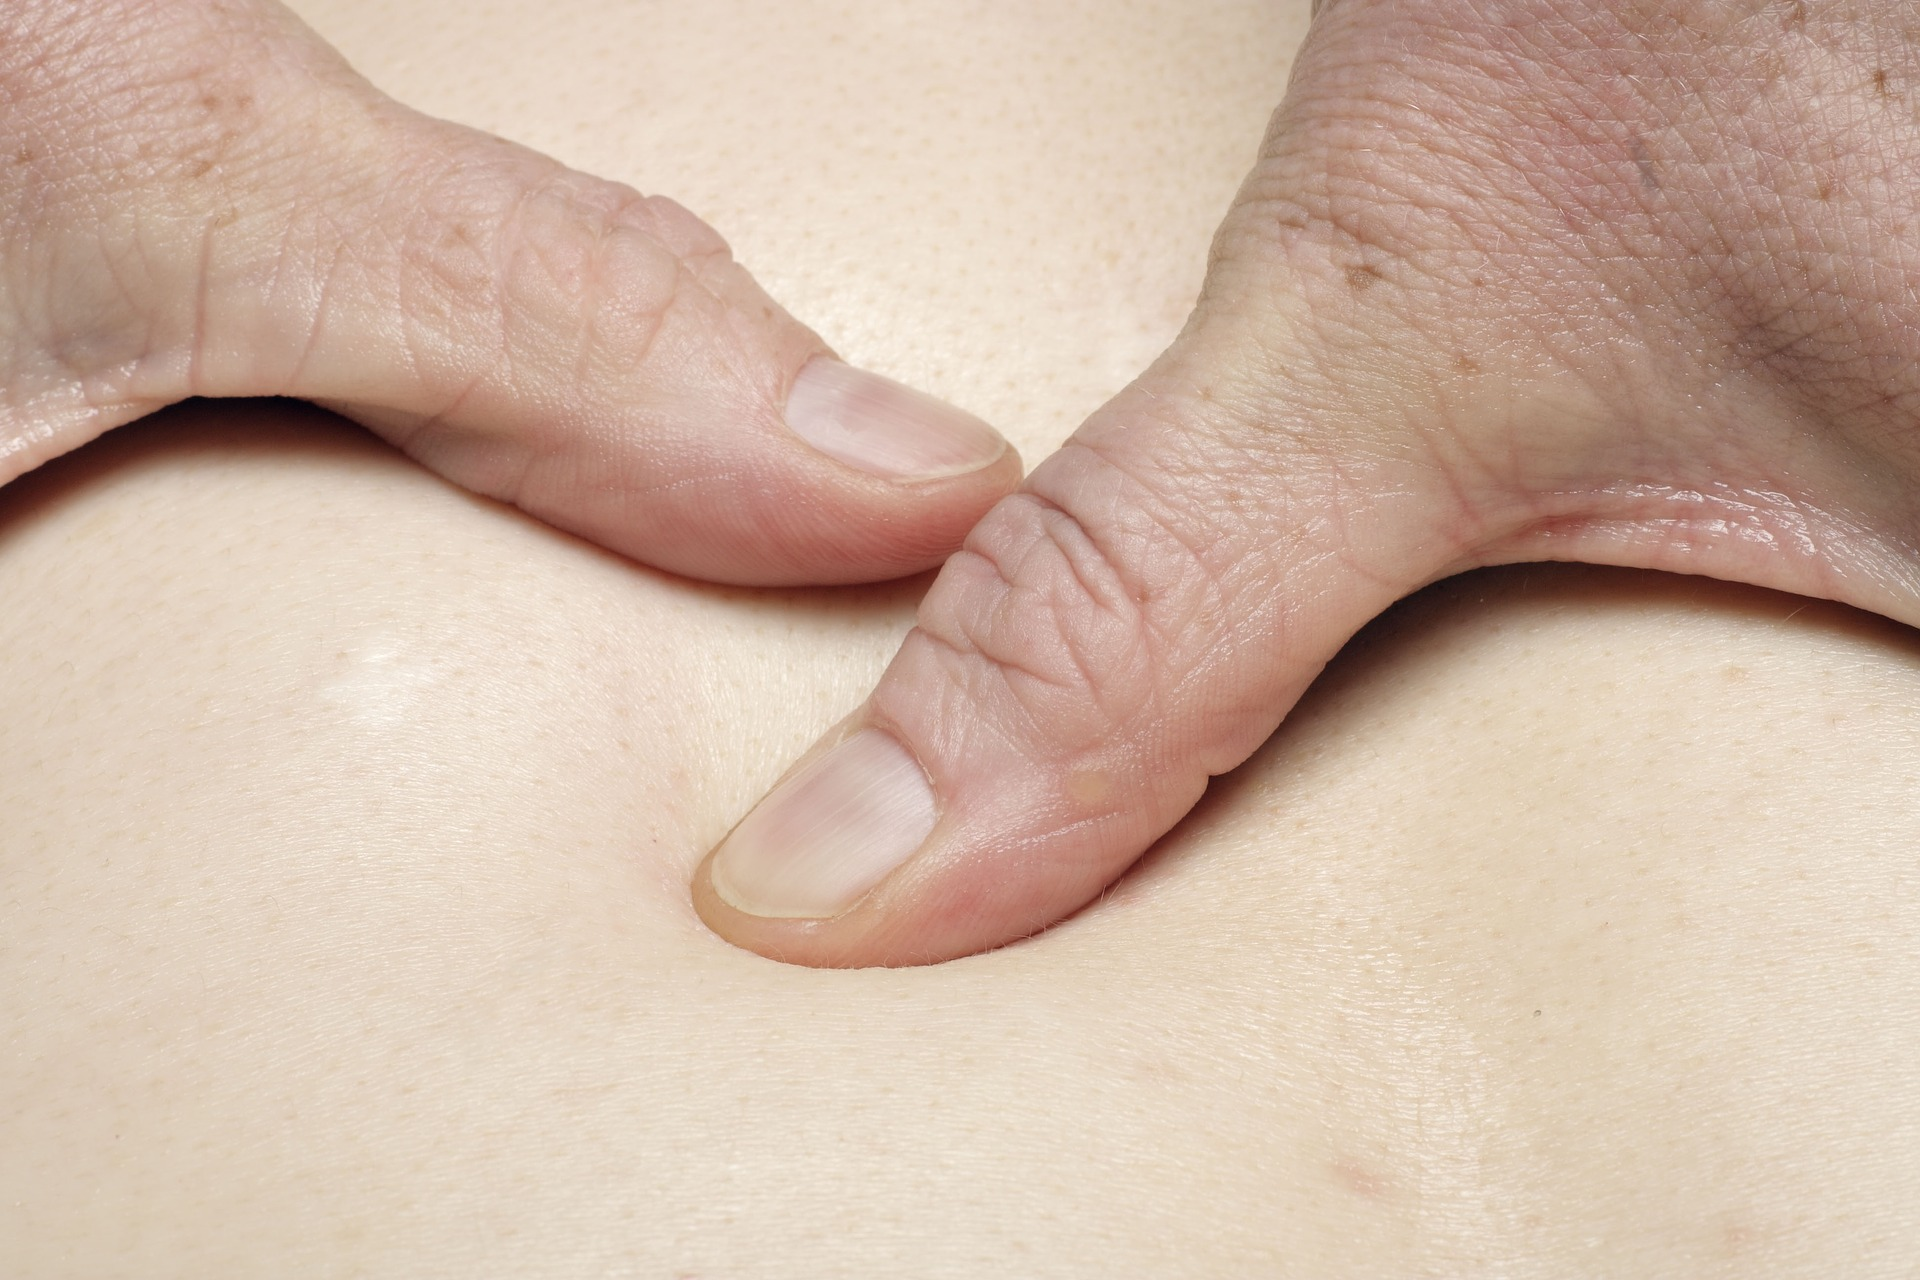 massage-3749199_1920